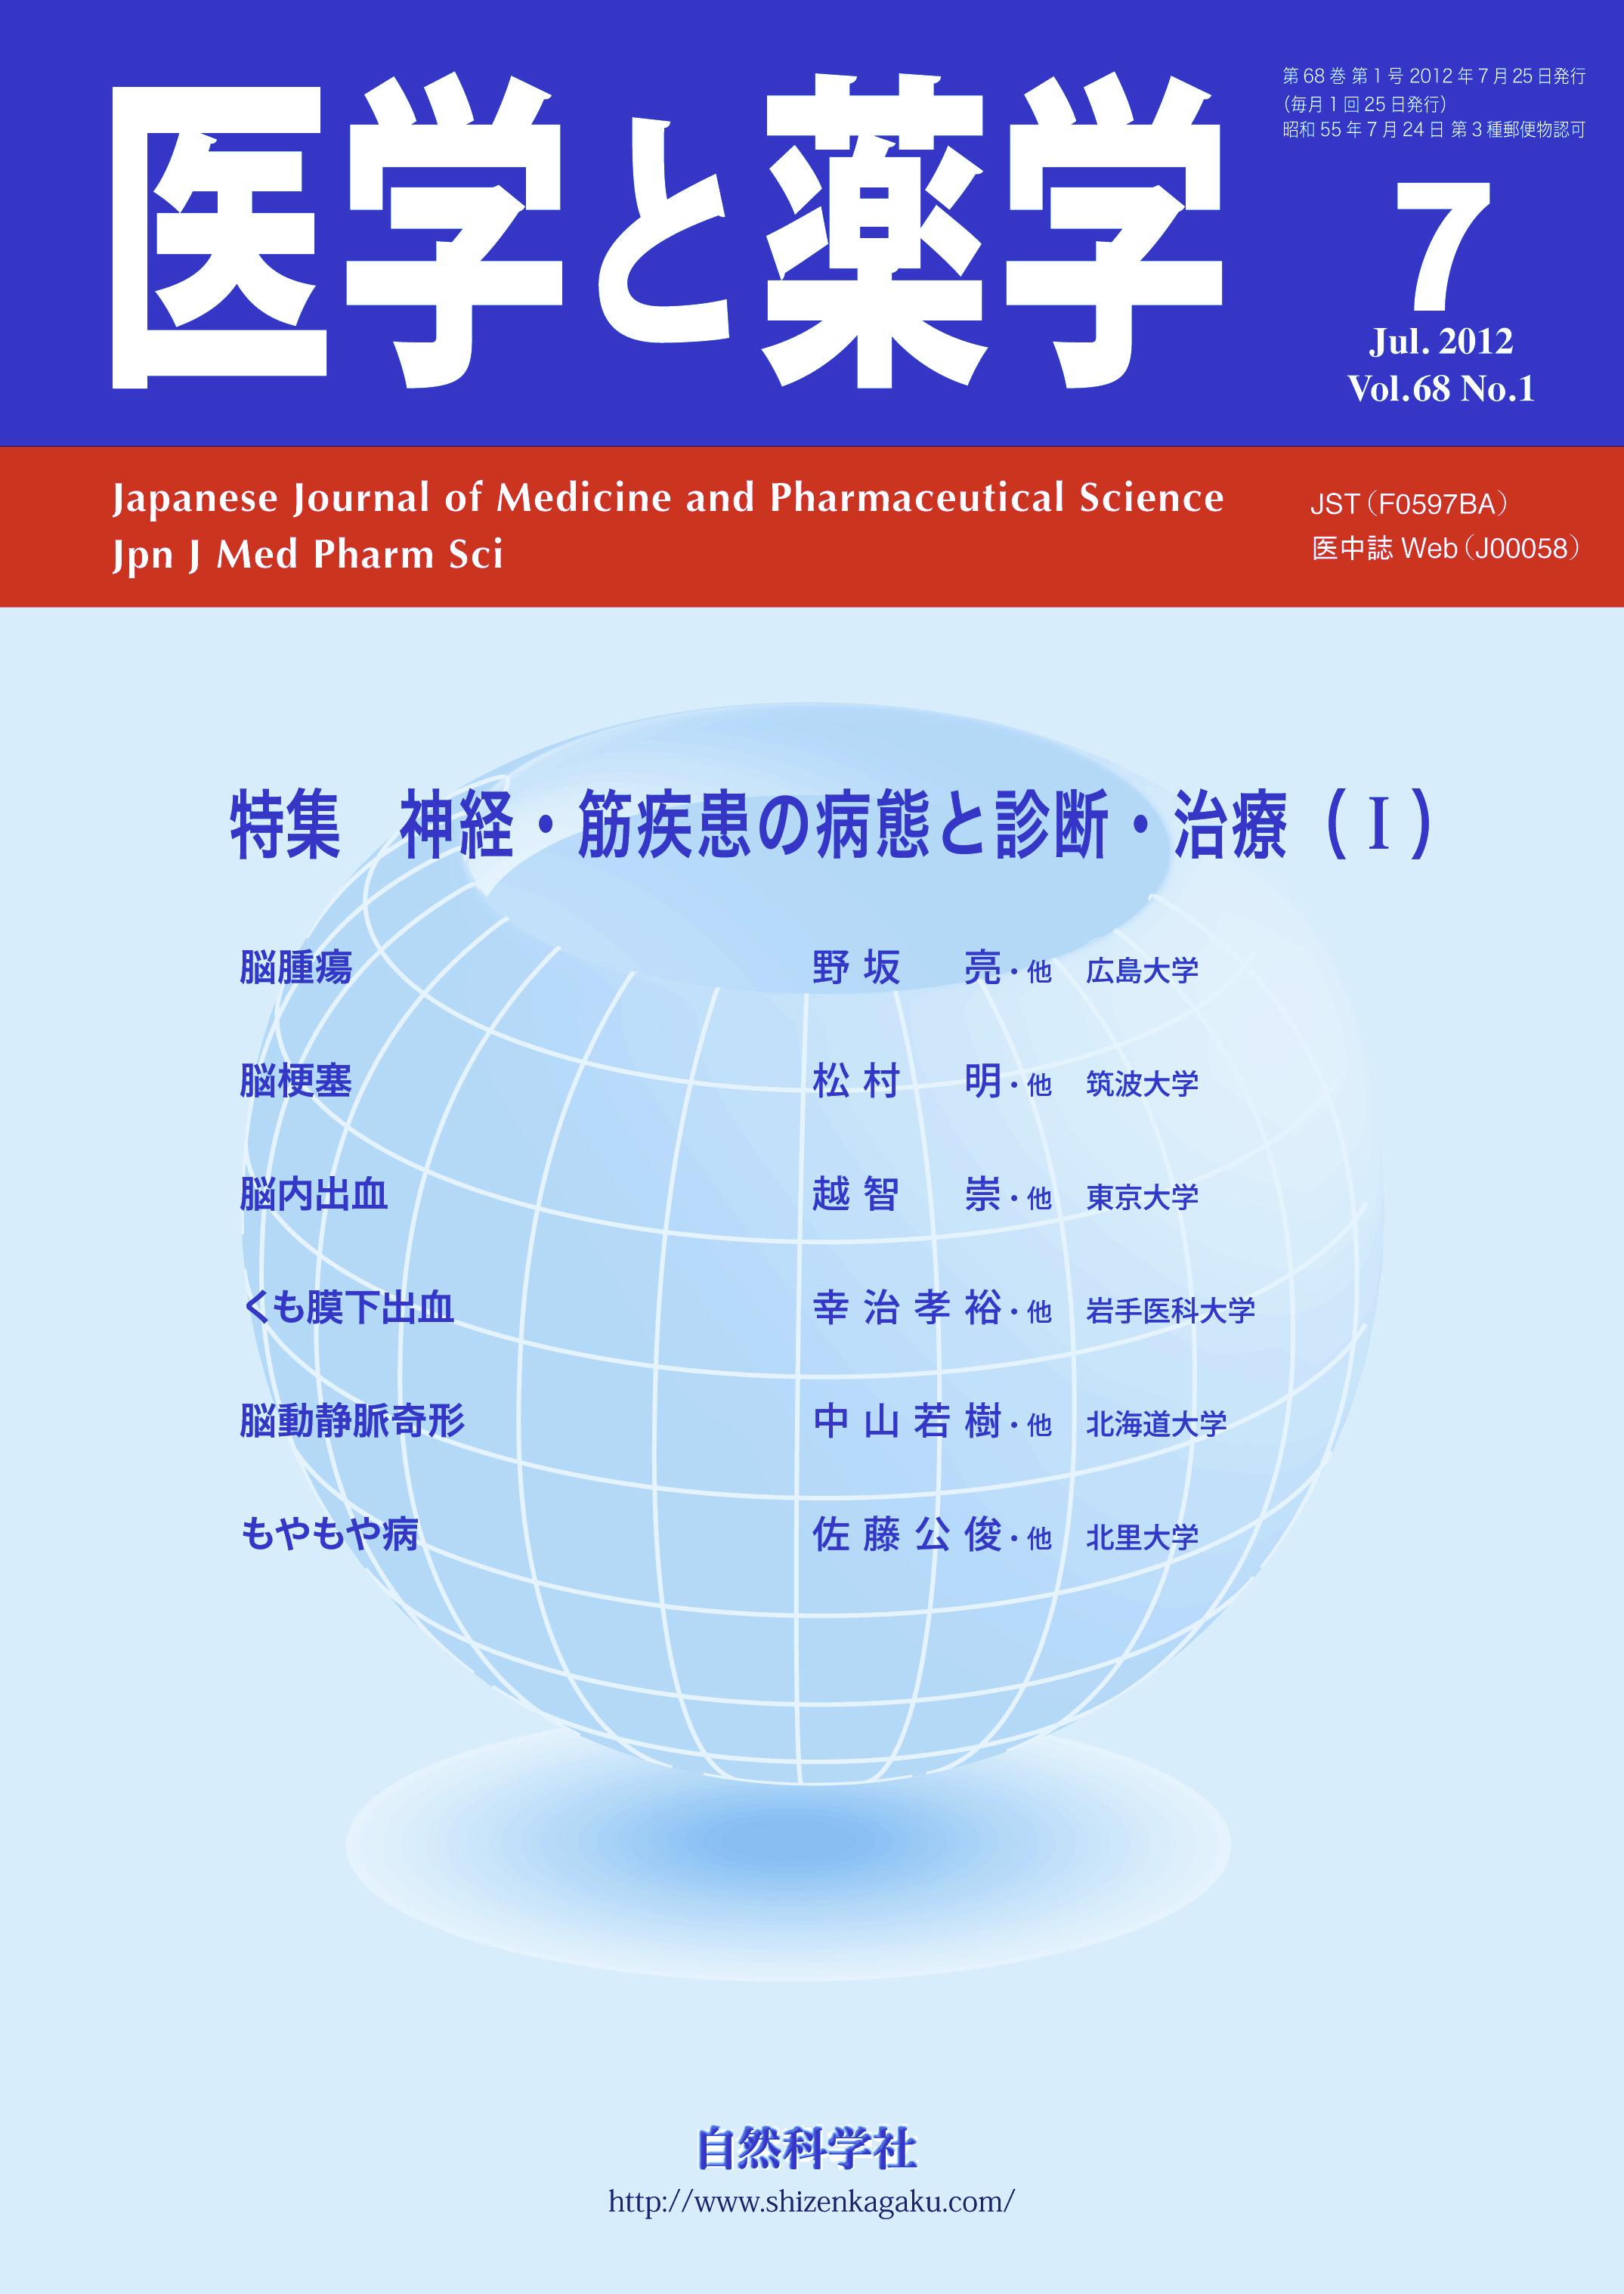 医学と薬学 68巻1号2012年7月